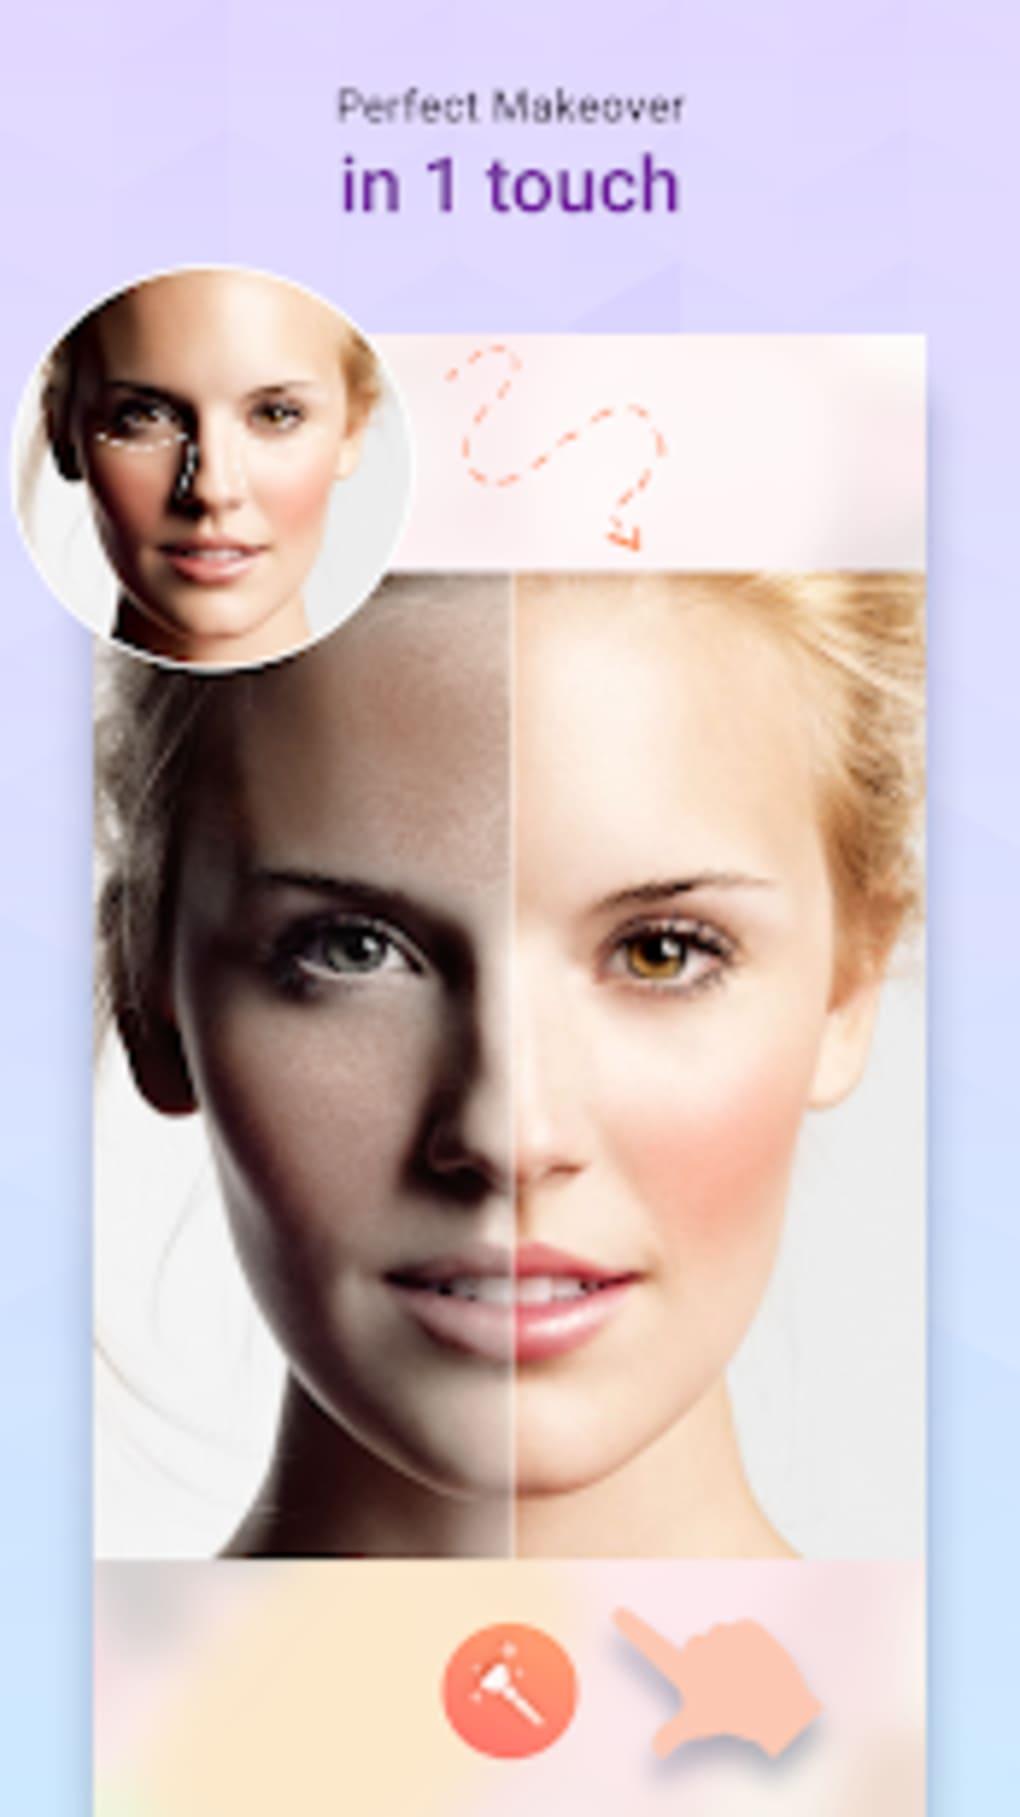 Taha Plus Face Makeup Camera Photo Makeup Editor